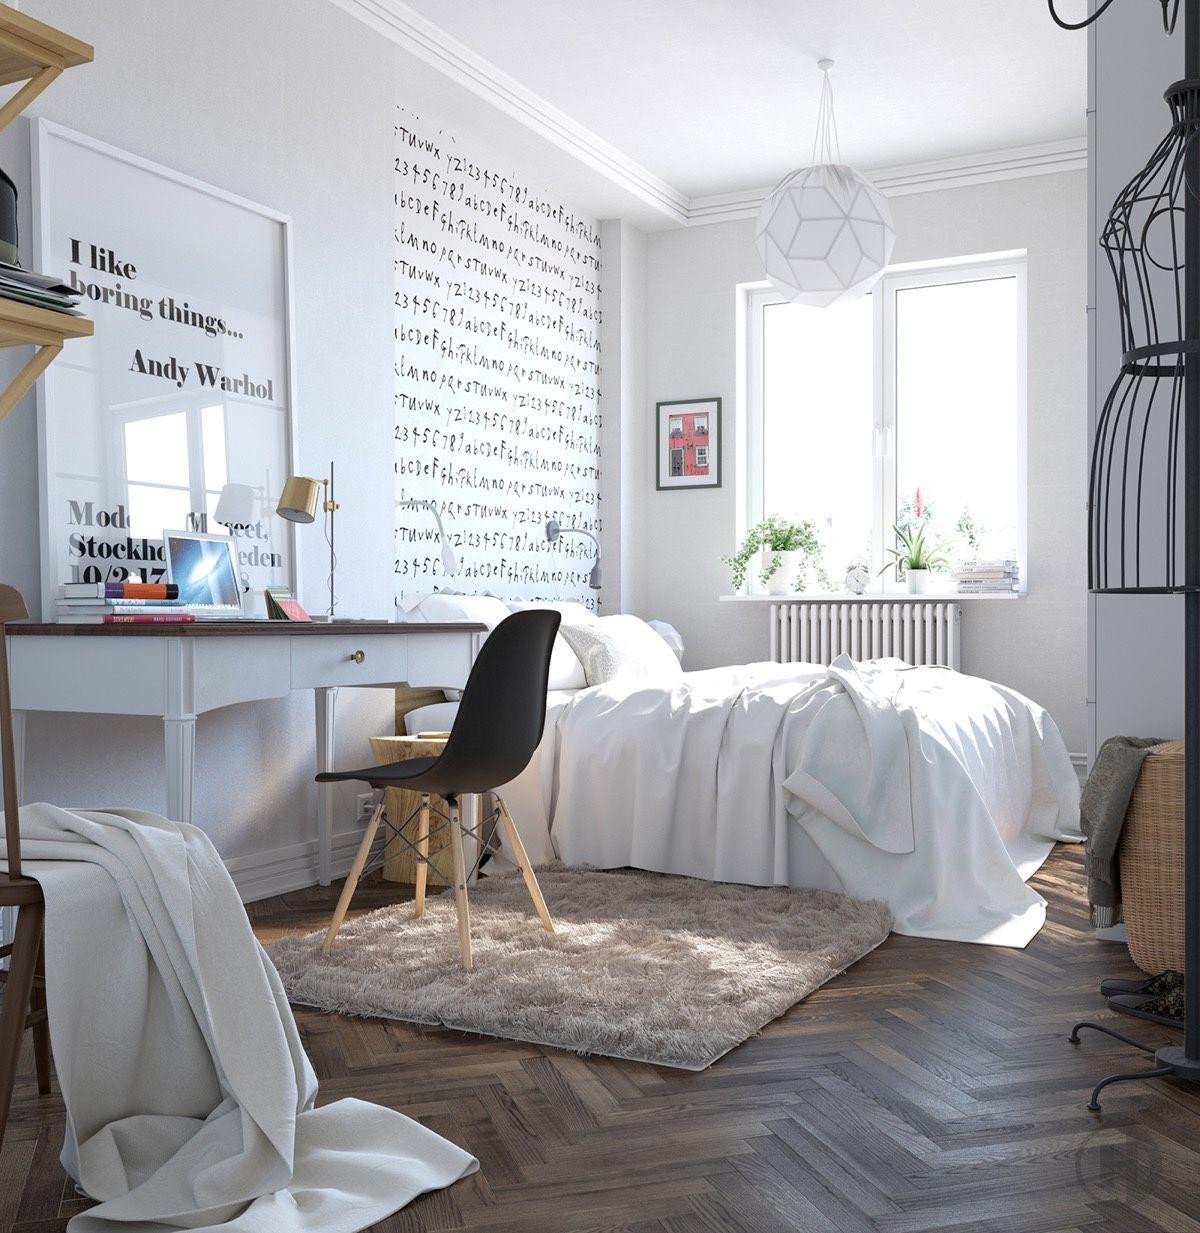 Schlafzimmer skandinavisch einrichten: 40 tolle Schlafzimmer Ideen ...